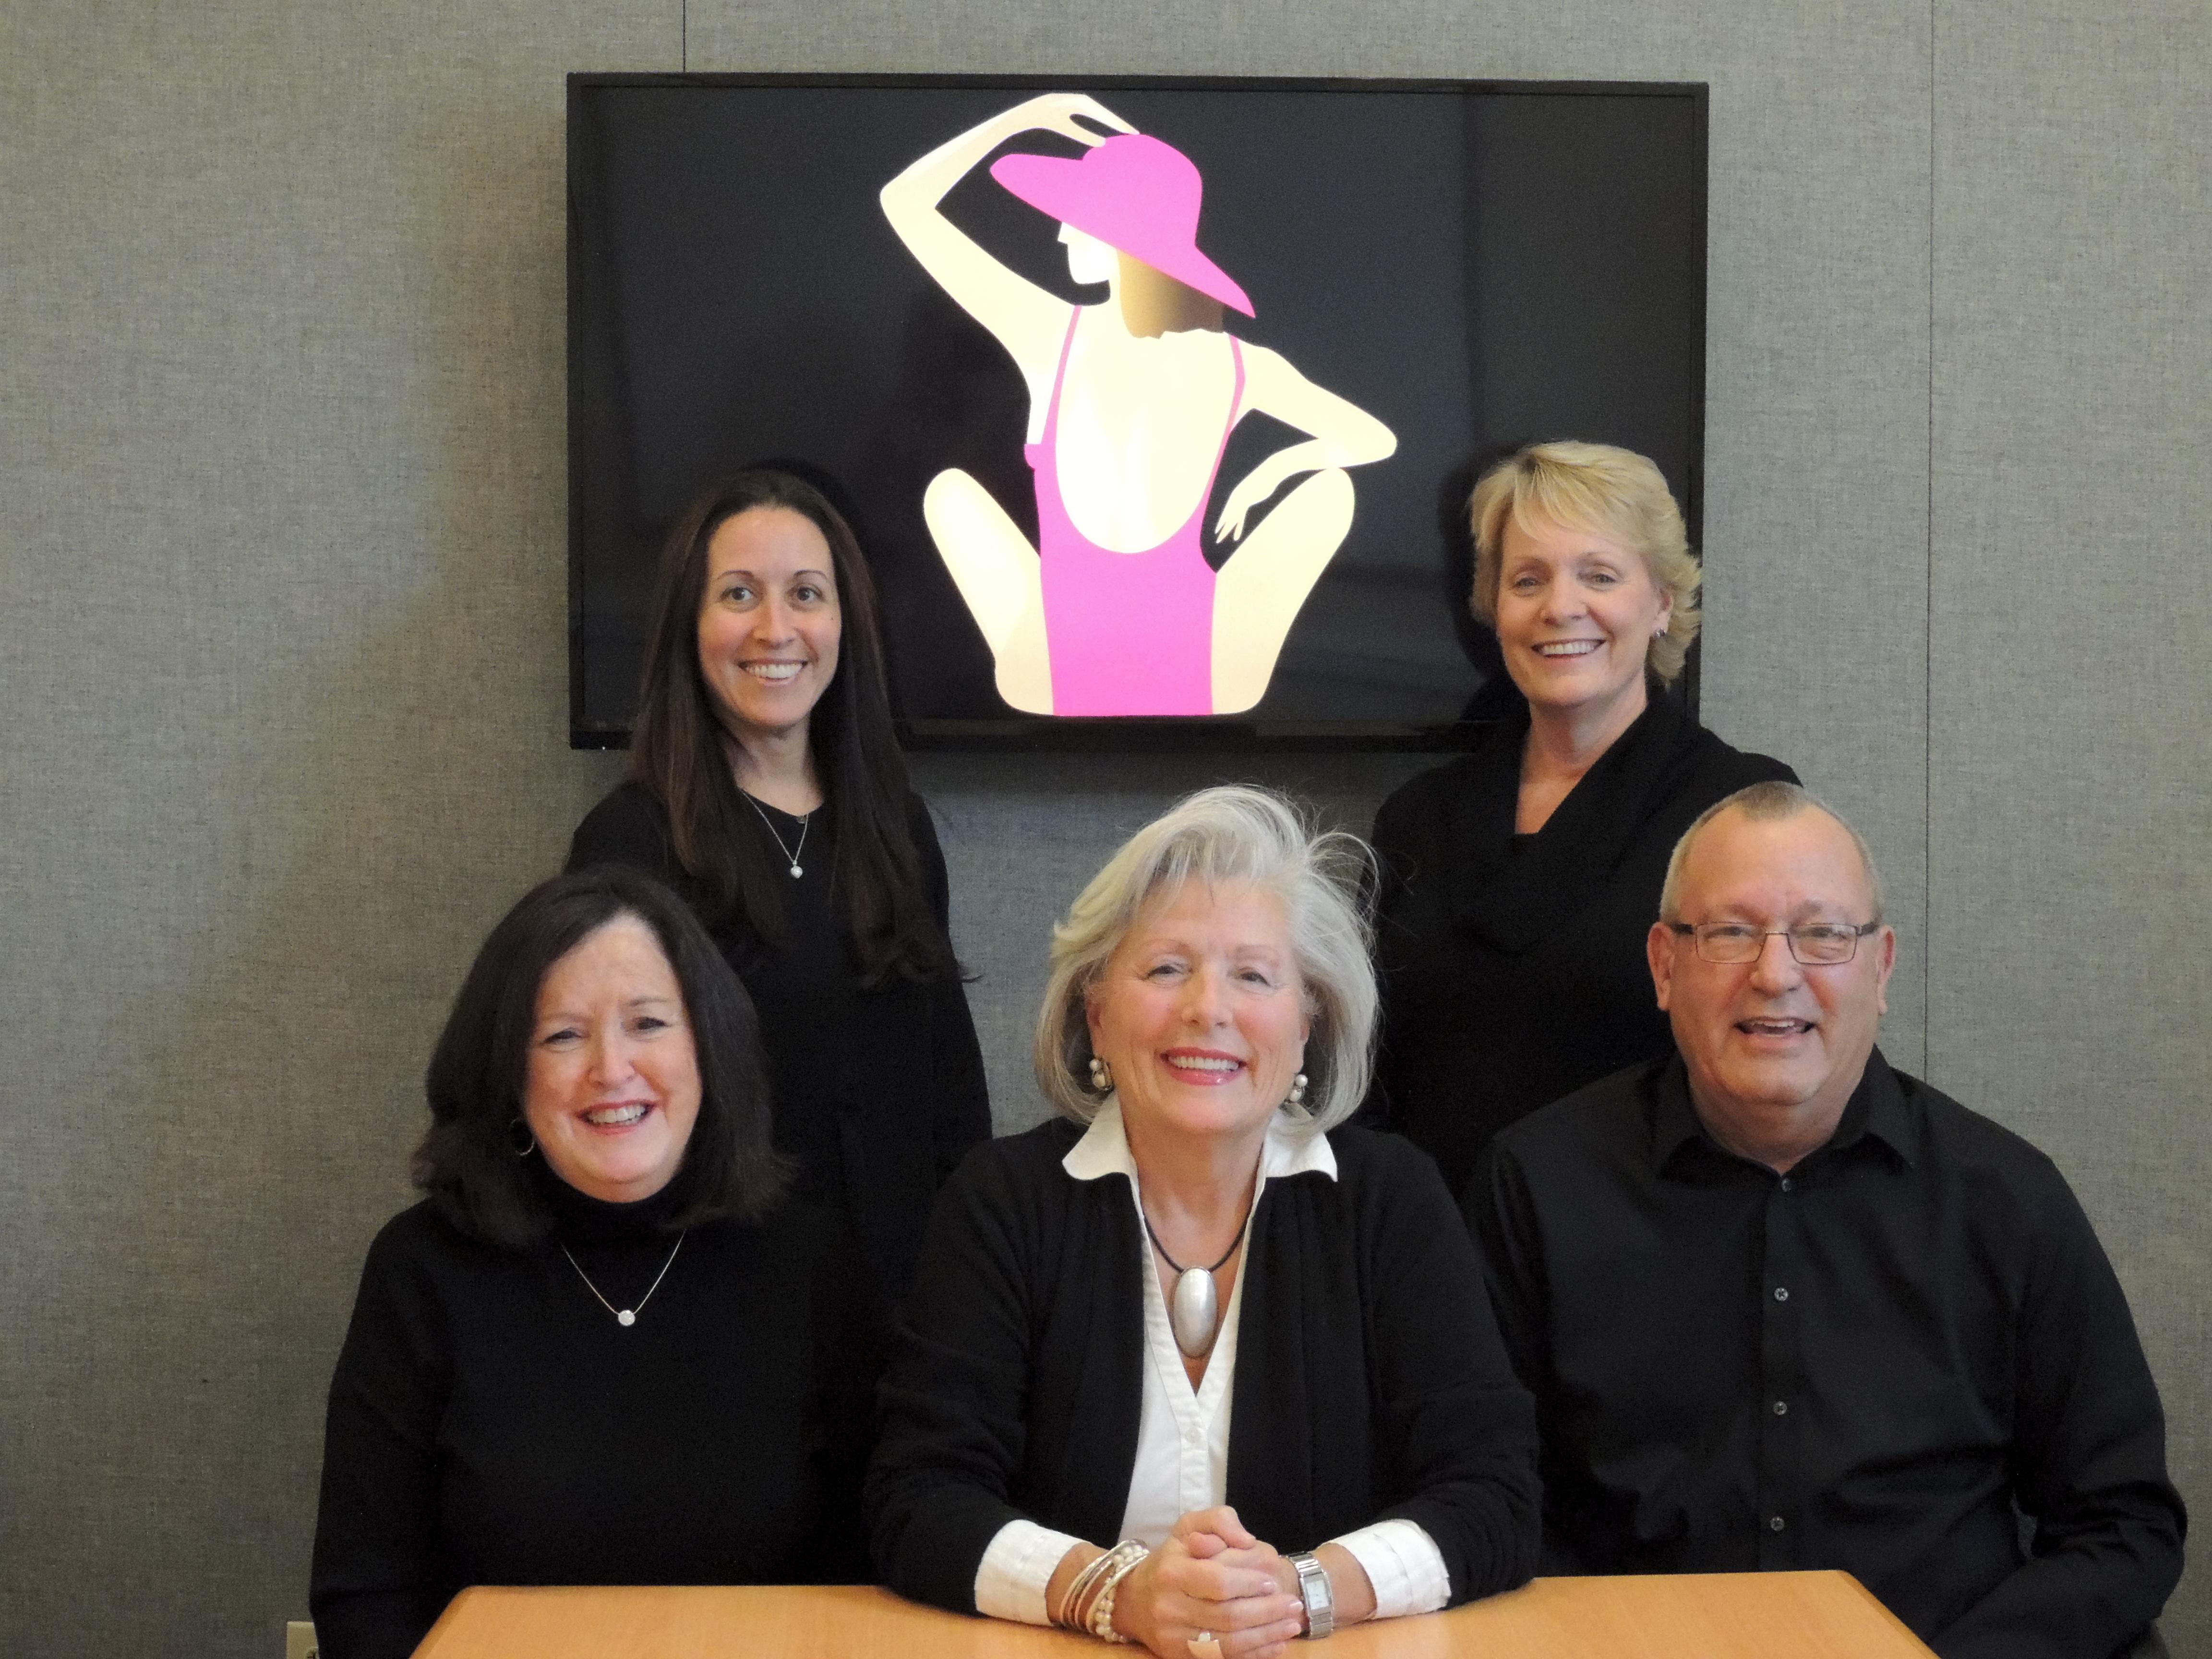 Rick Allamong joins Barbara Morales Associates